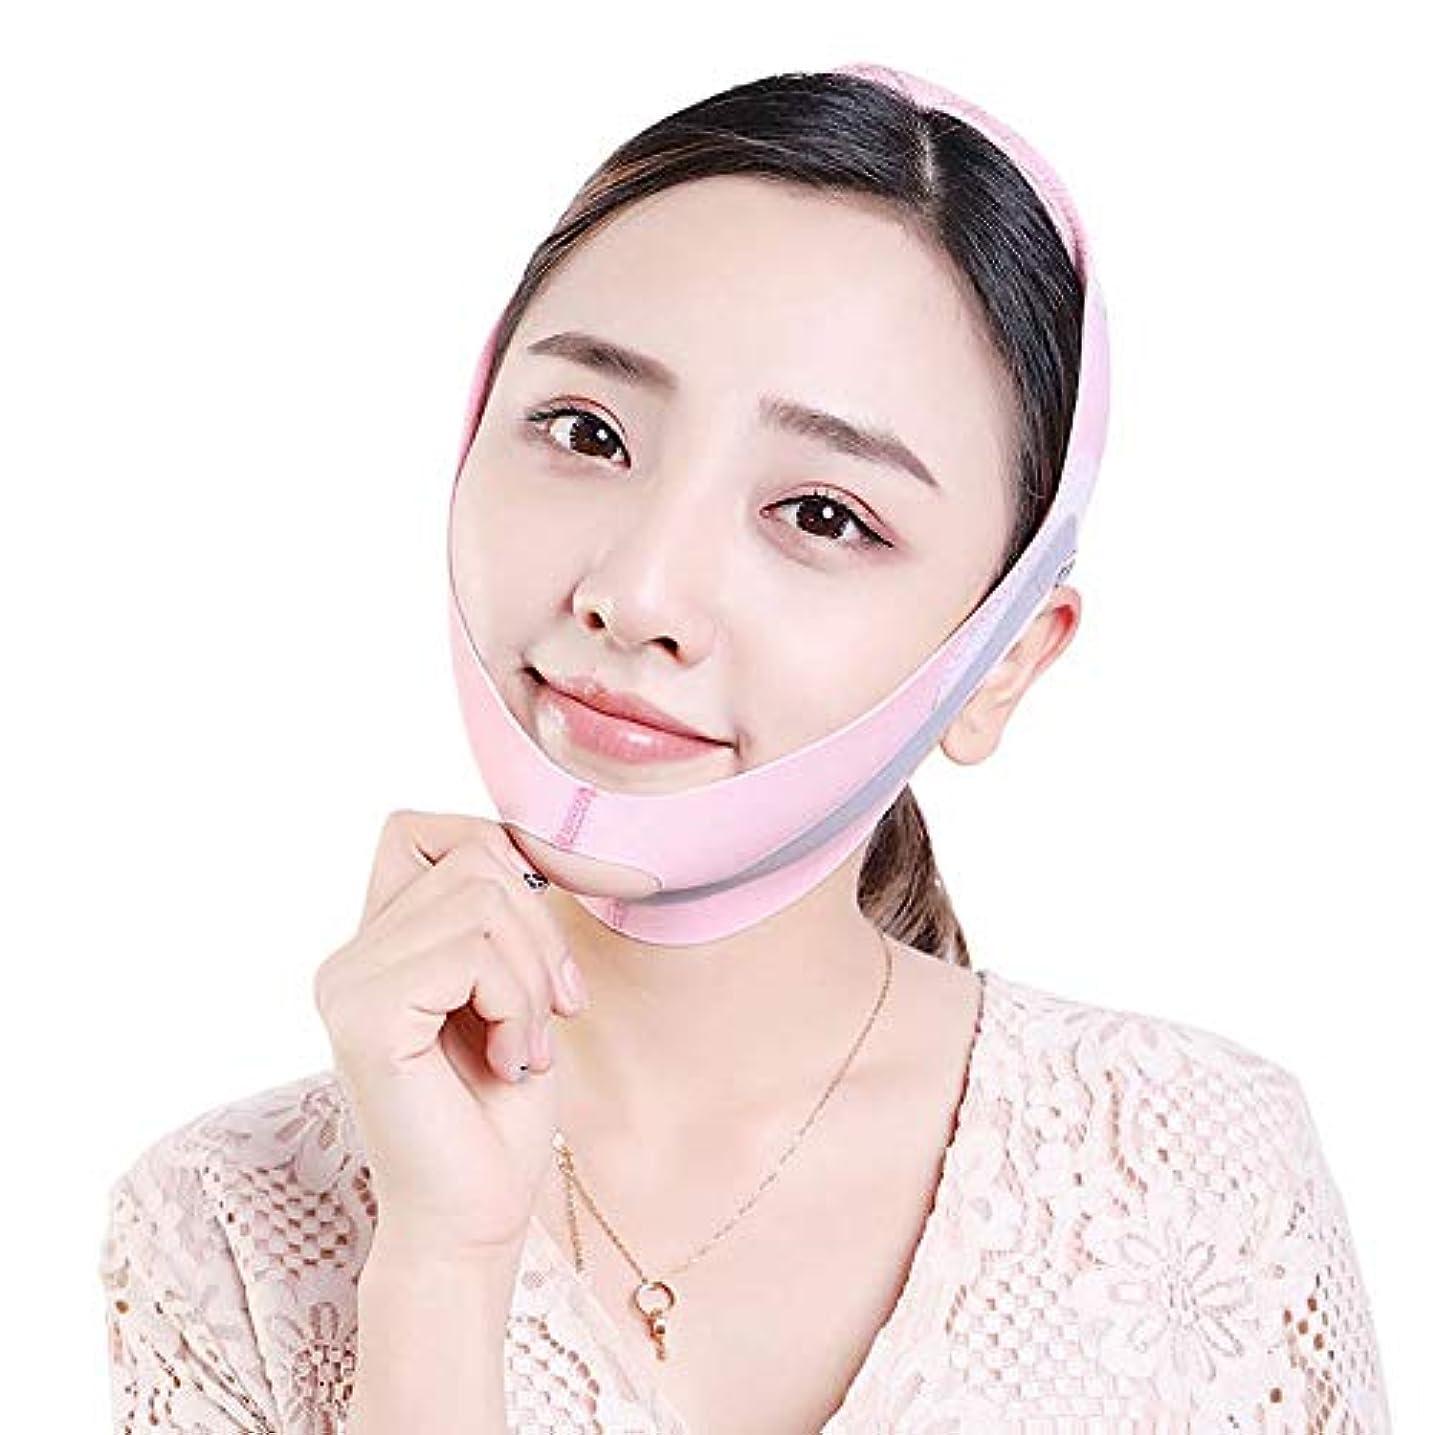 輪郭間違っている置くためにパックJia Jia- たるみを防ぐために顔を持ち上げるために筋肉を引き締めるために二重あごのステッカーとラインを削除するために、顔を持ち上げるアーティファクト包帯があります - ピンク 顔面包帯